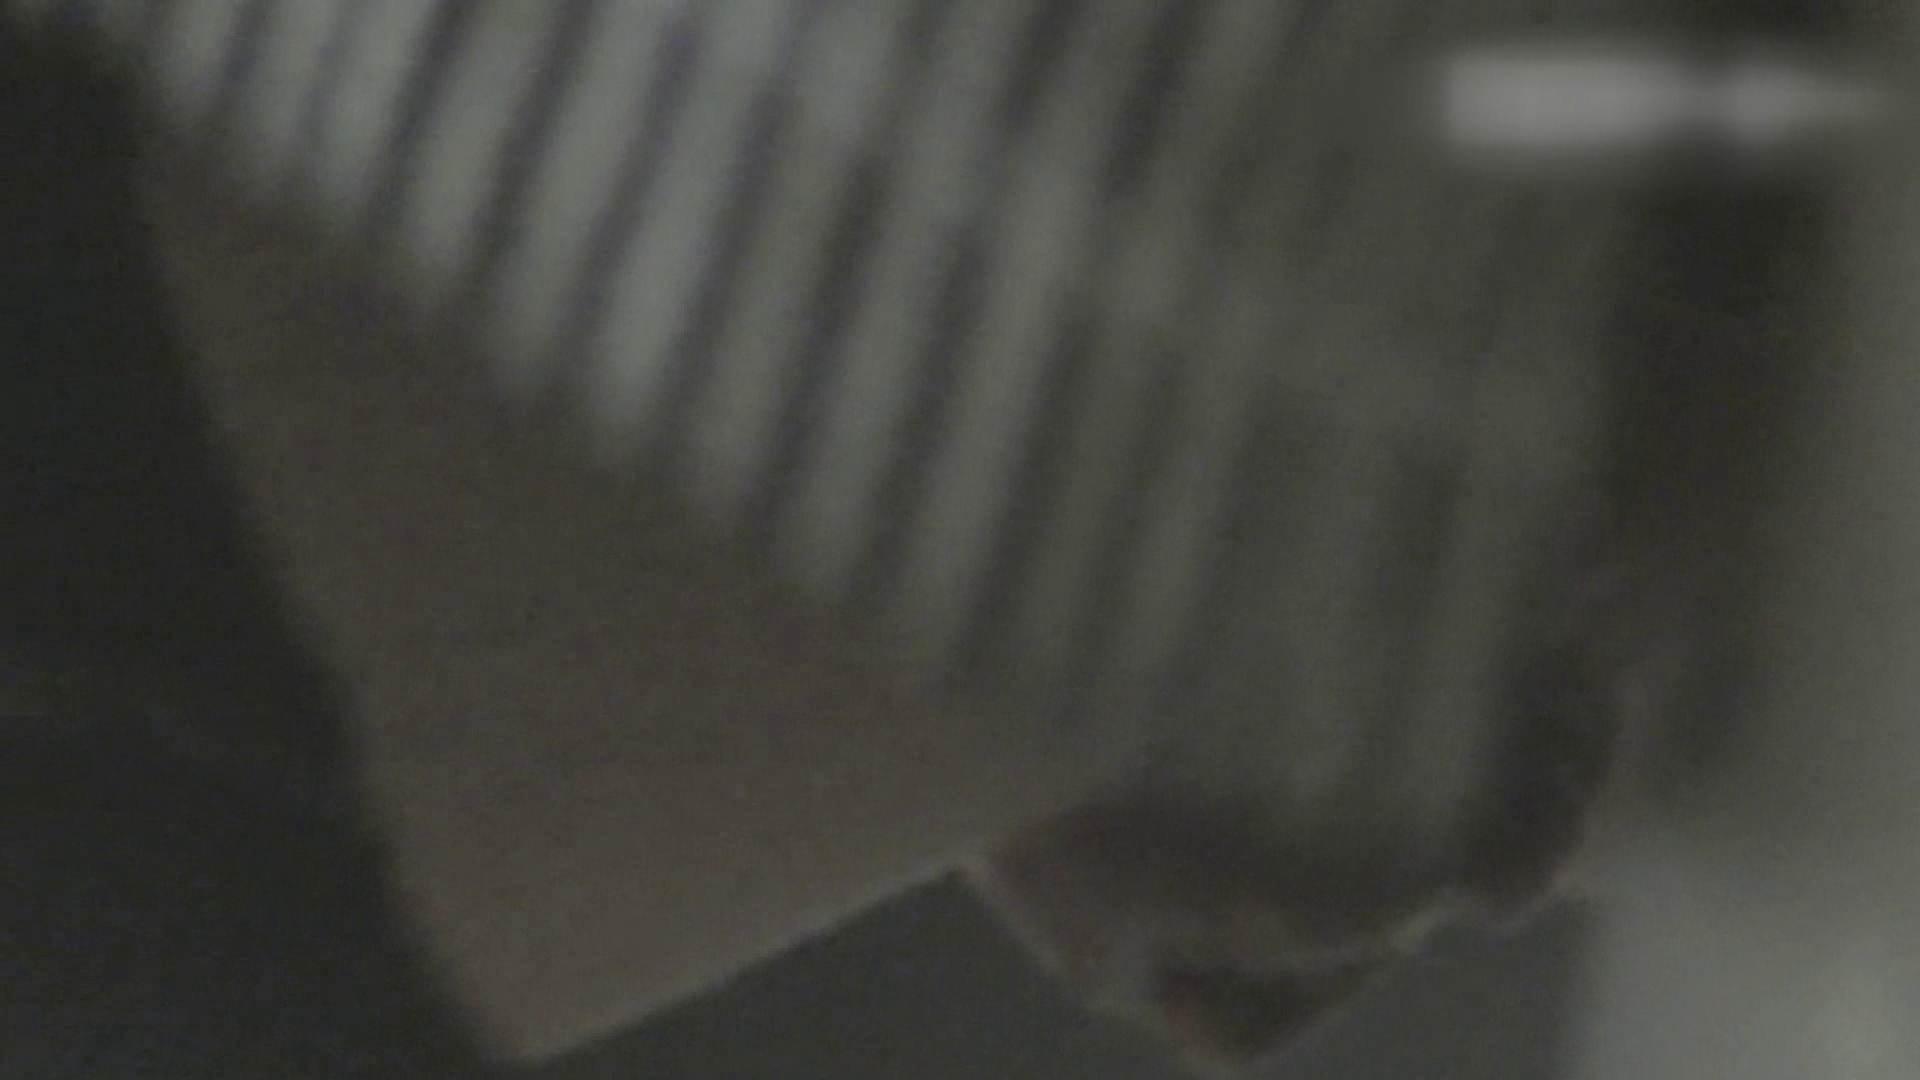 ロックハンドさんの盗撮記録File.15 マンコ・ムレムレ 性交動画流出 82pic 68